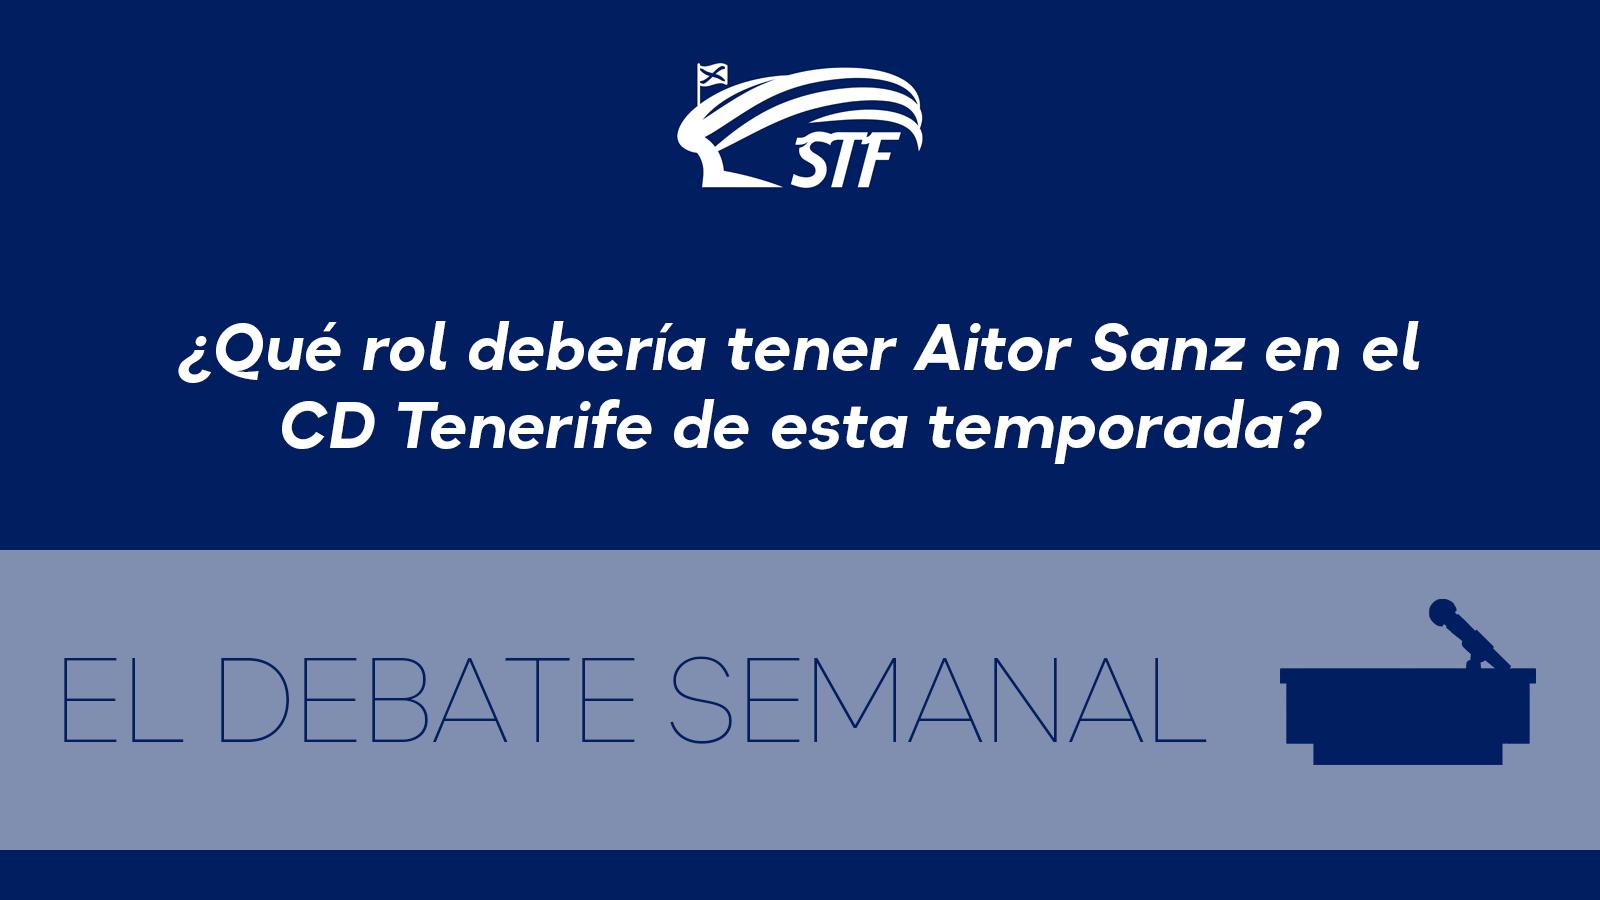 El Debate Semanal: ¿Qué rol debería tener Aitor Sanz en el CD Tenerife de esta temporada? La mayoría cree que el de recambio